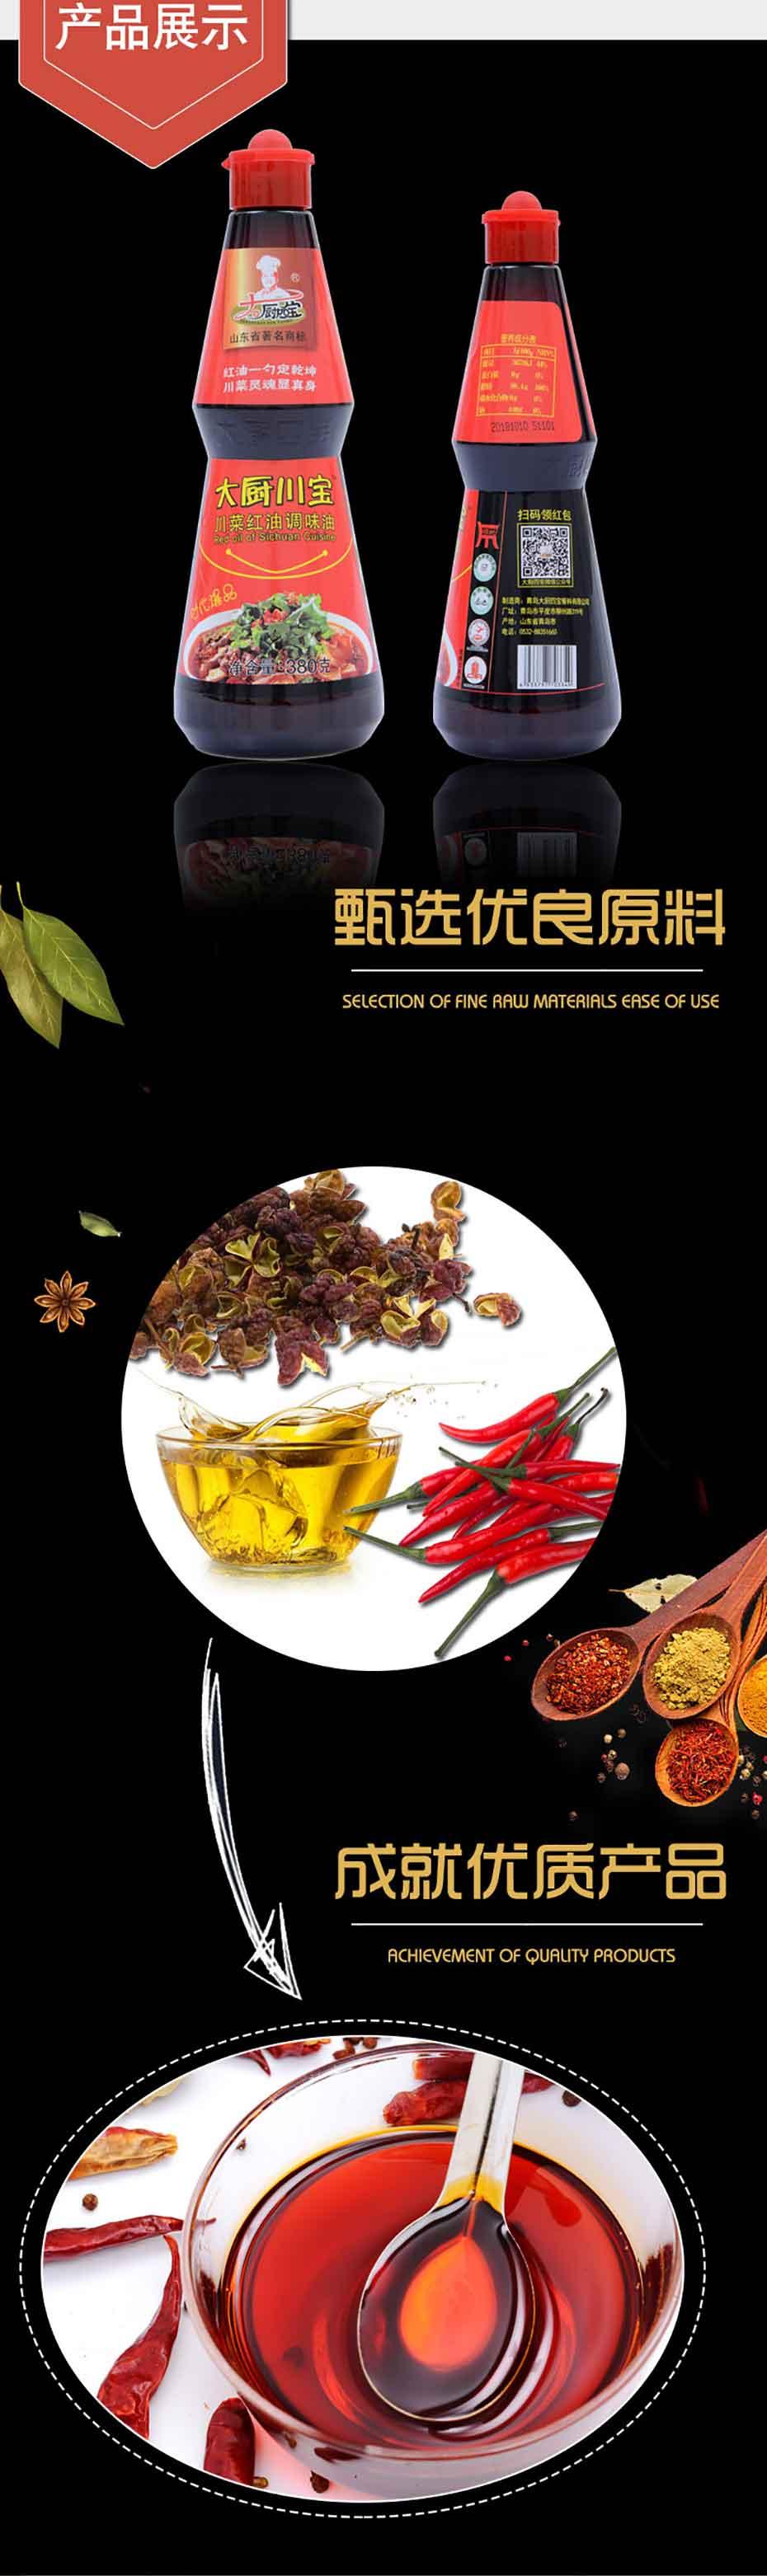 川菜红油_02